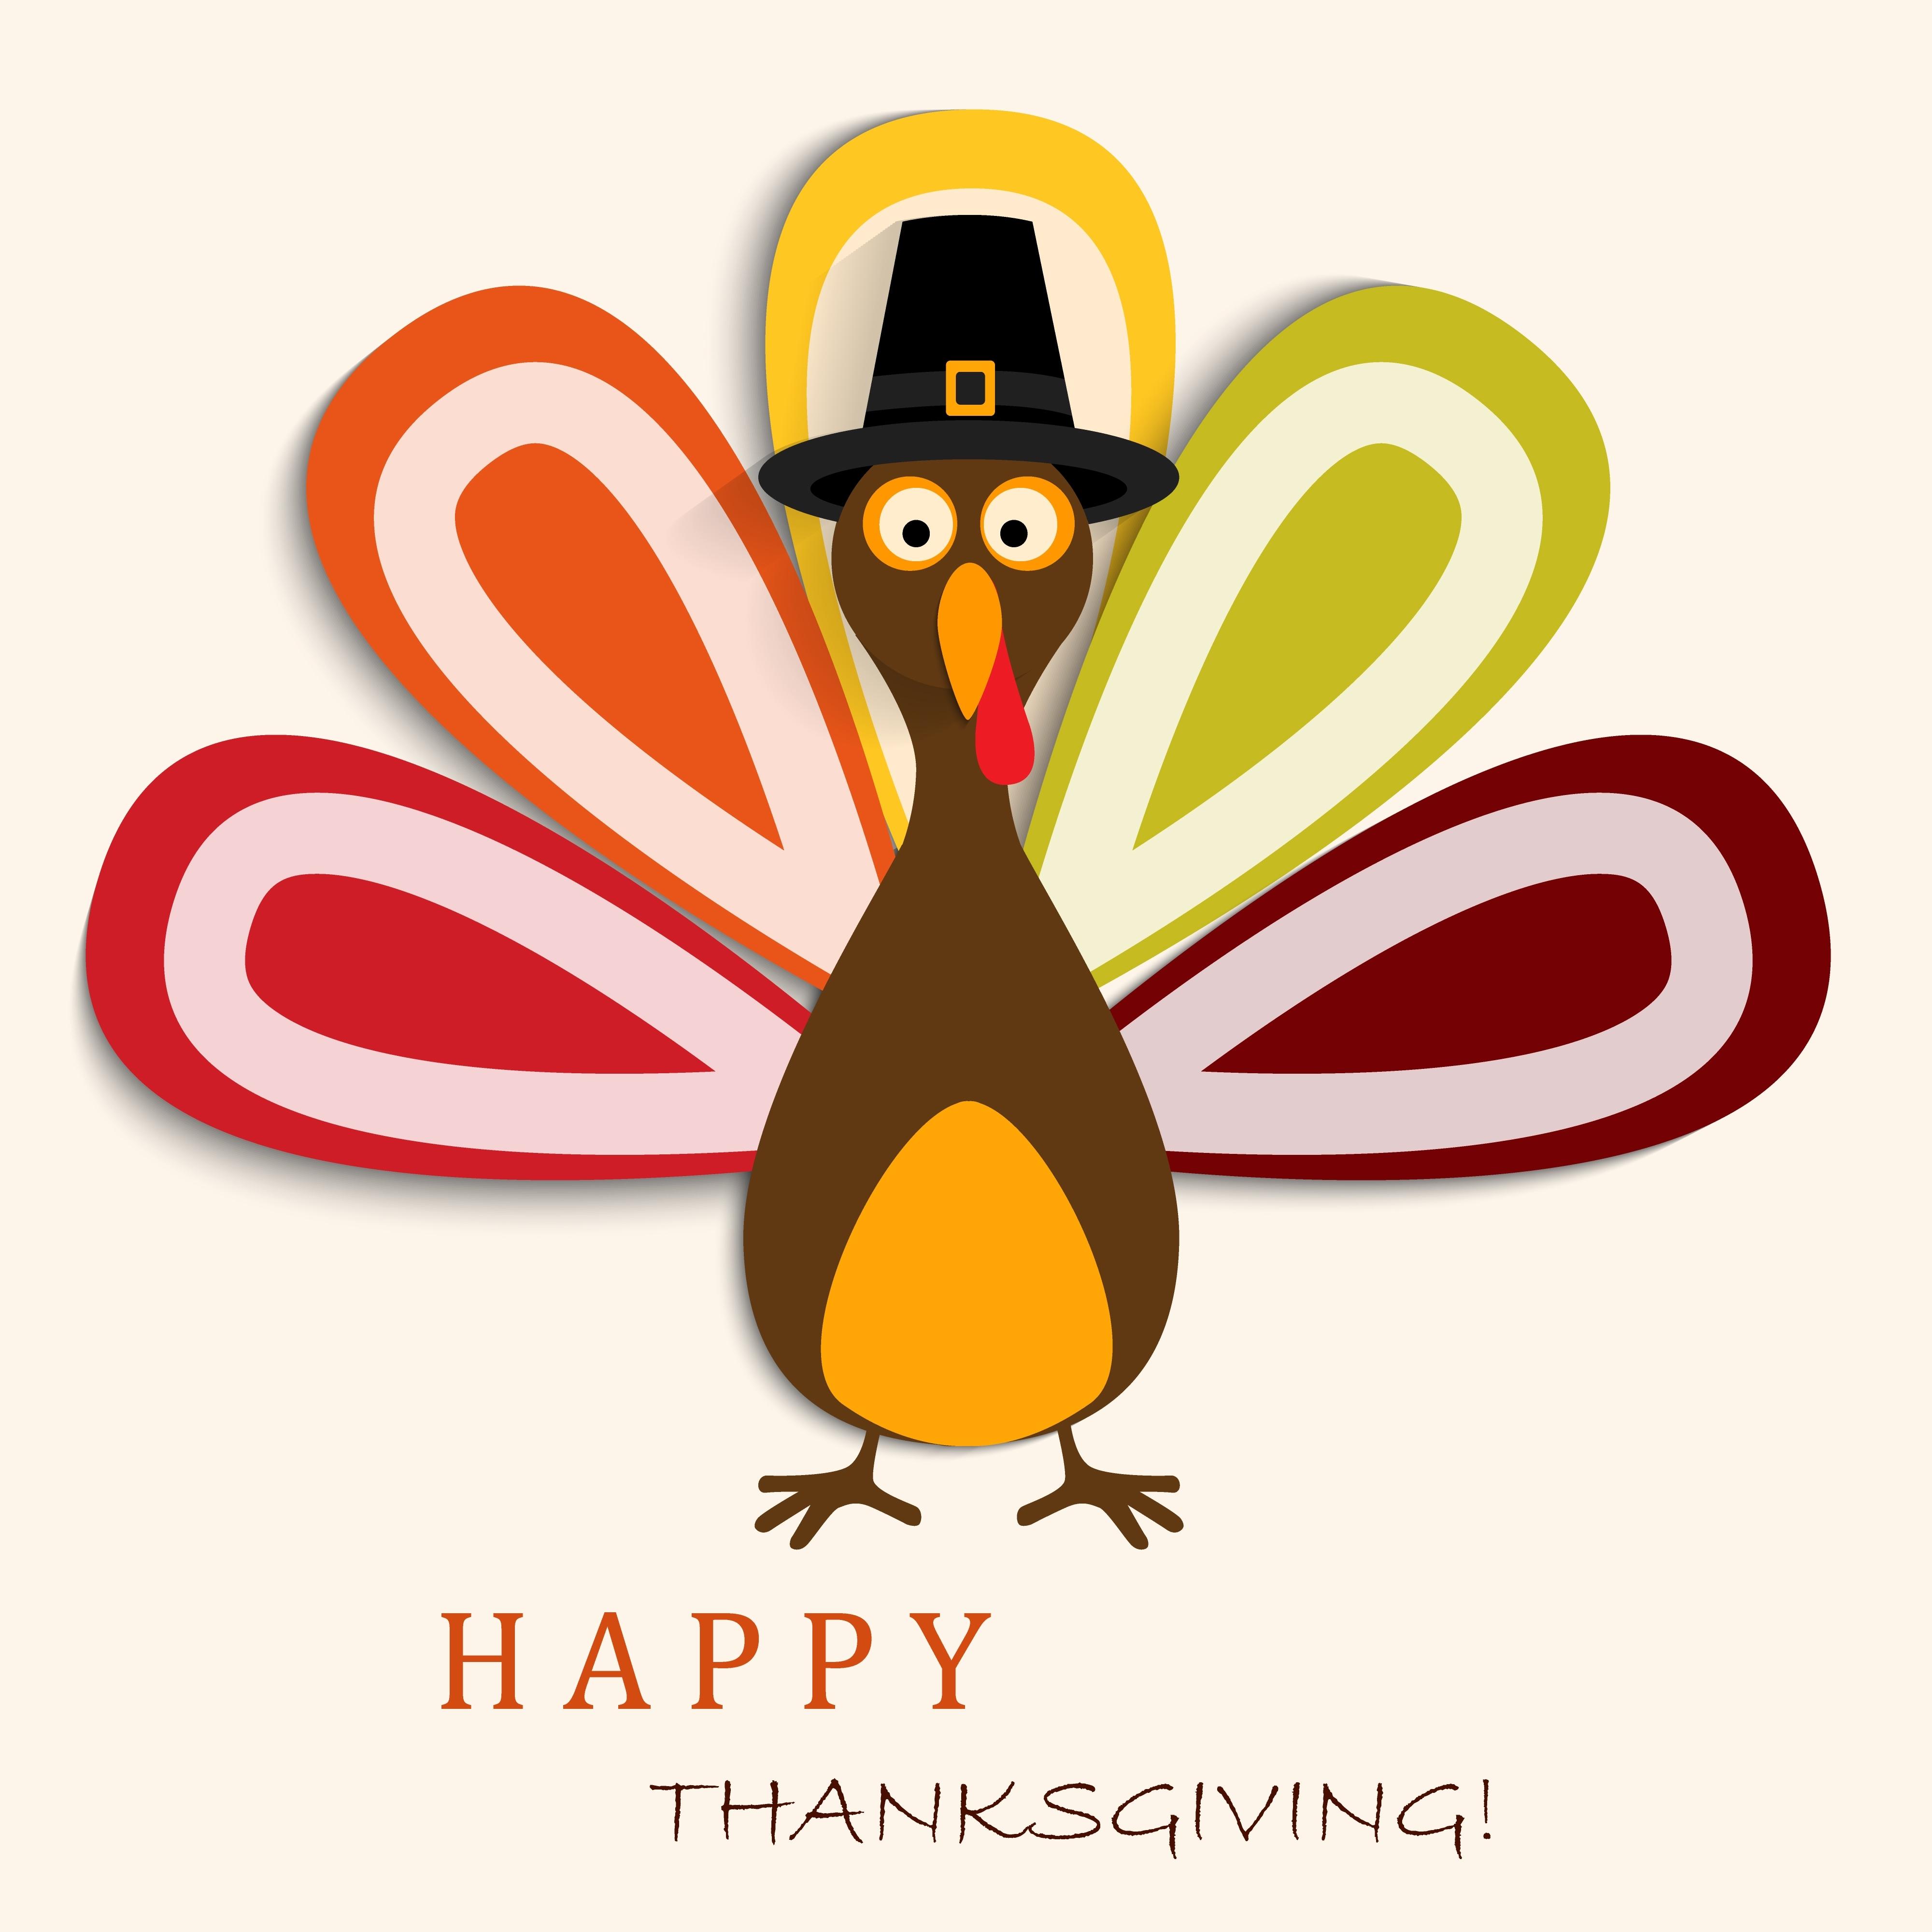 b1b9f80da923e283378a_Thanksgiving_5.jpg